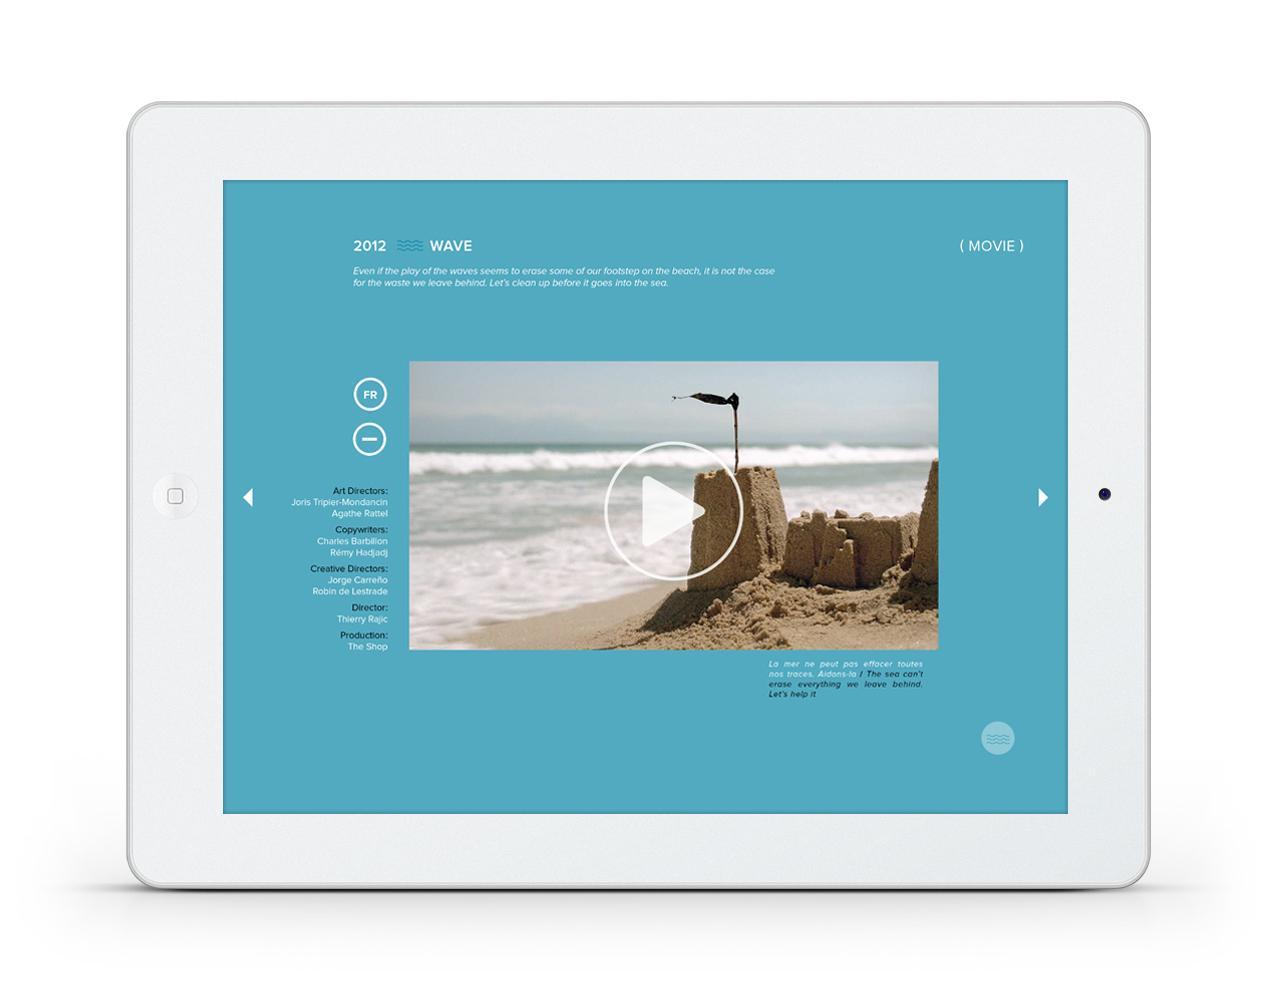 Application. 10 ans de publicité pour sauver les océans.